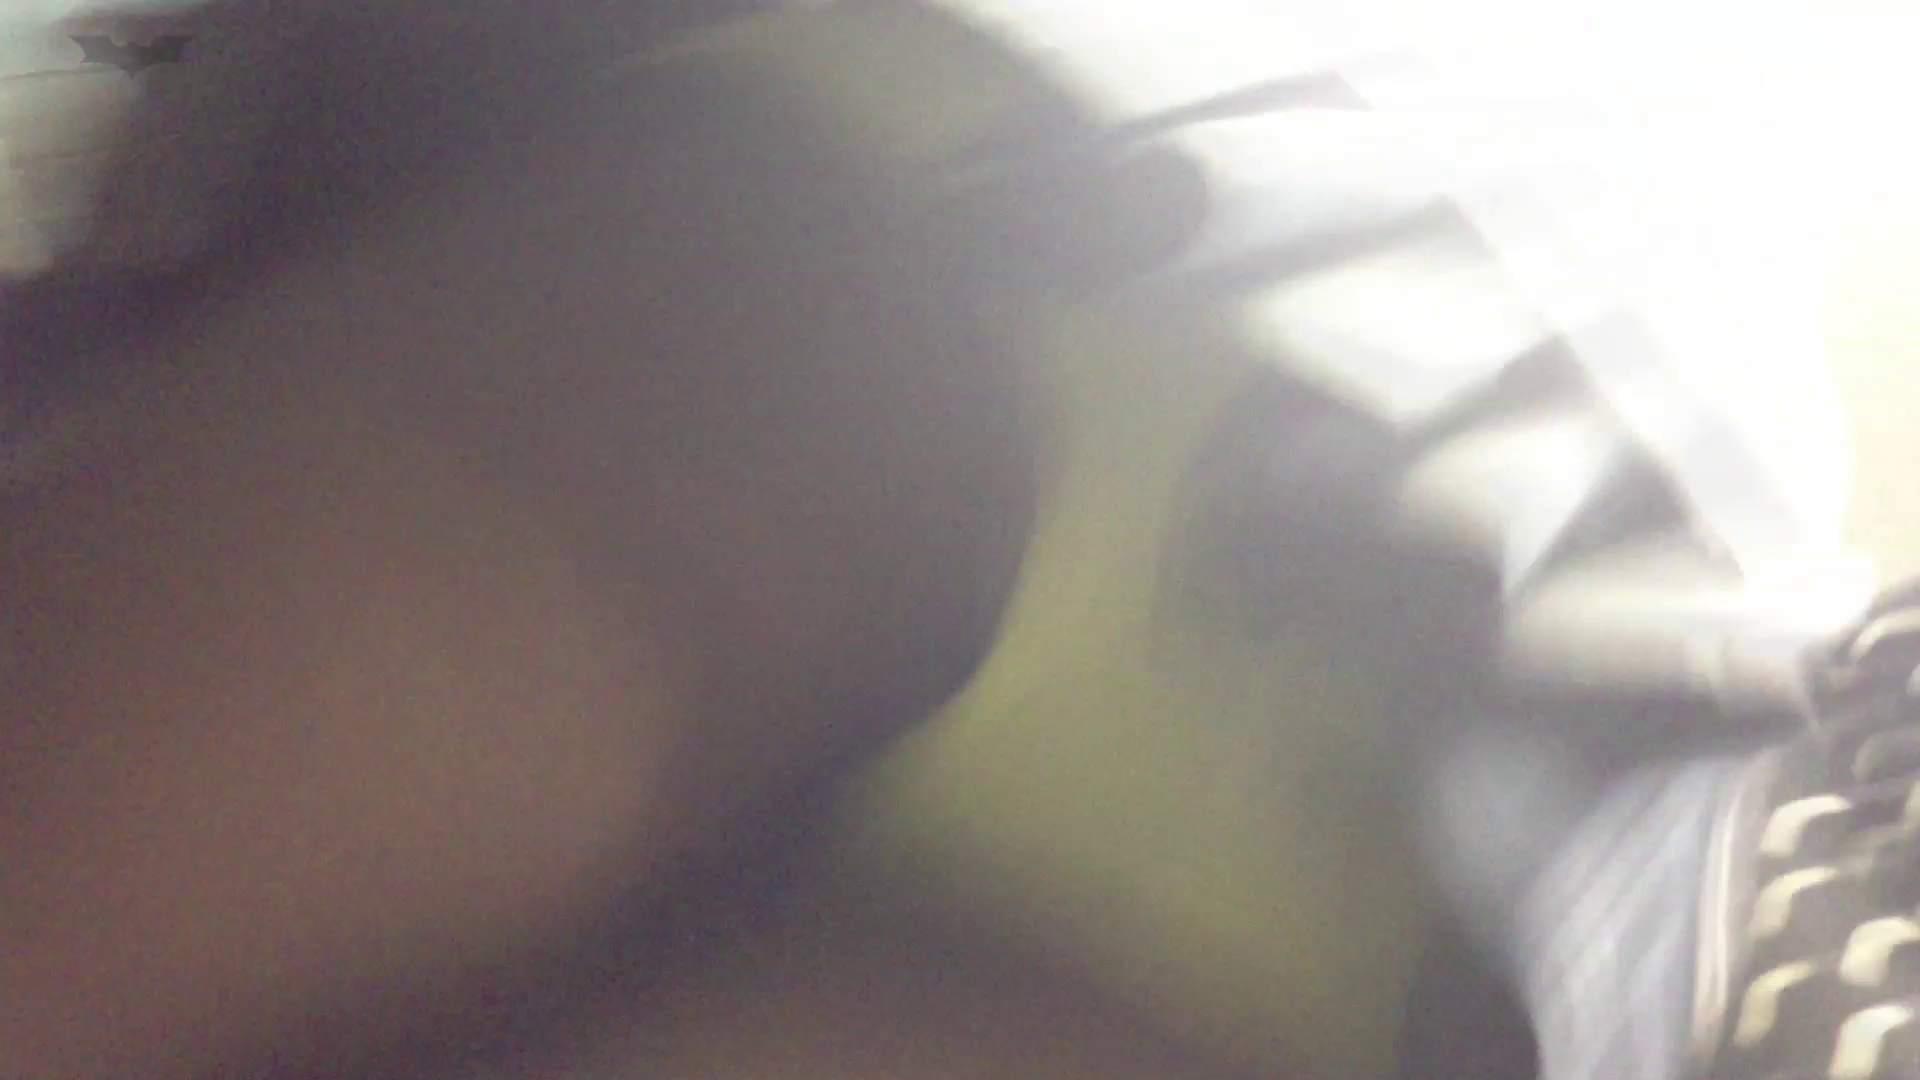 階段パンチラ Vol.04 ギャル攻め オメコ無修正動画無料 113画像 74